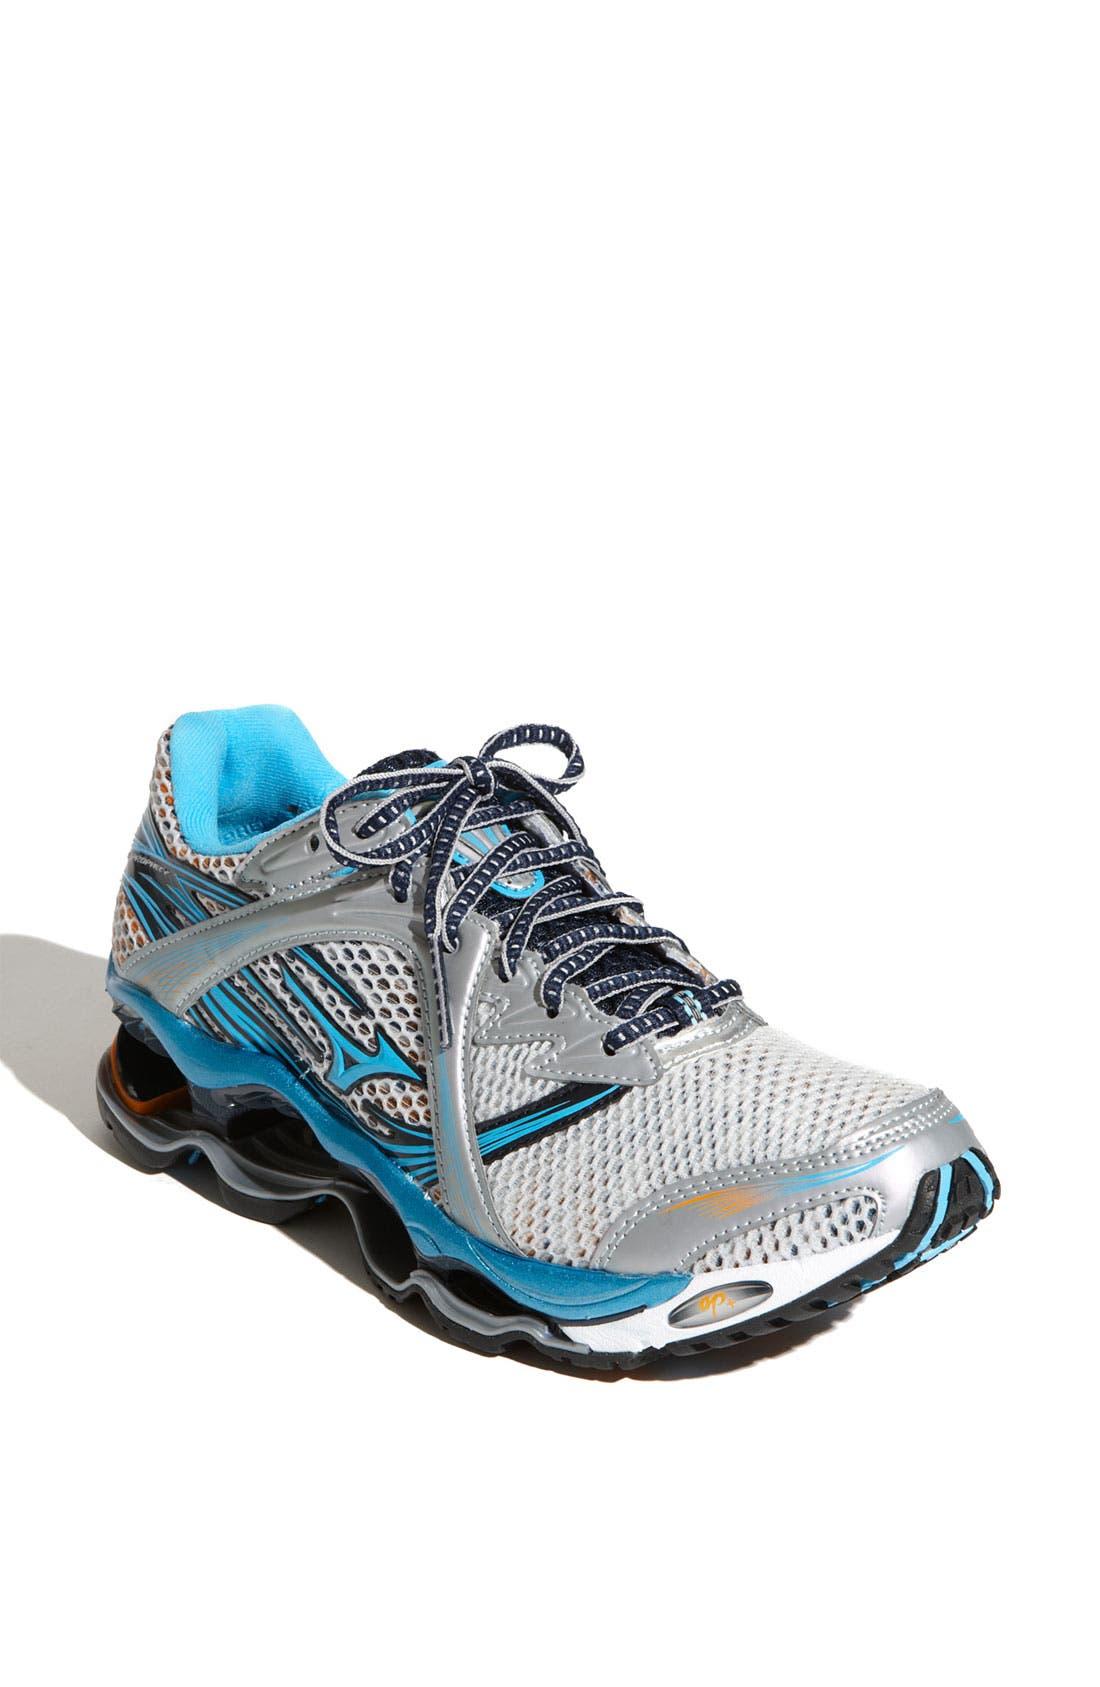 Alternate Image 1 Selected - Mizuno 'Wave Prophecy' Running Shoe (Women) (Regular Retail Price: $199.95)